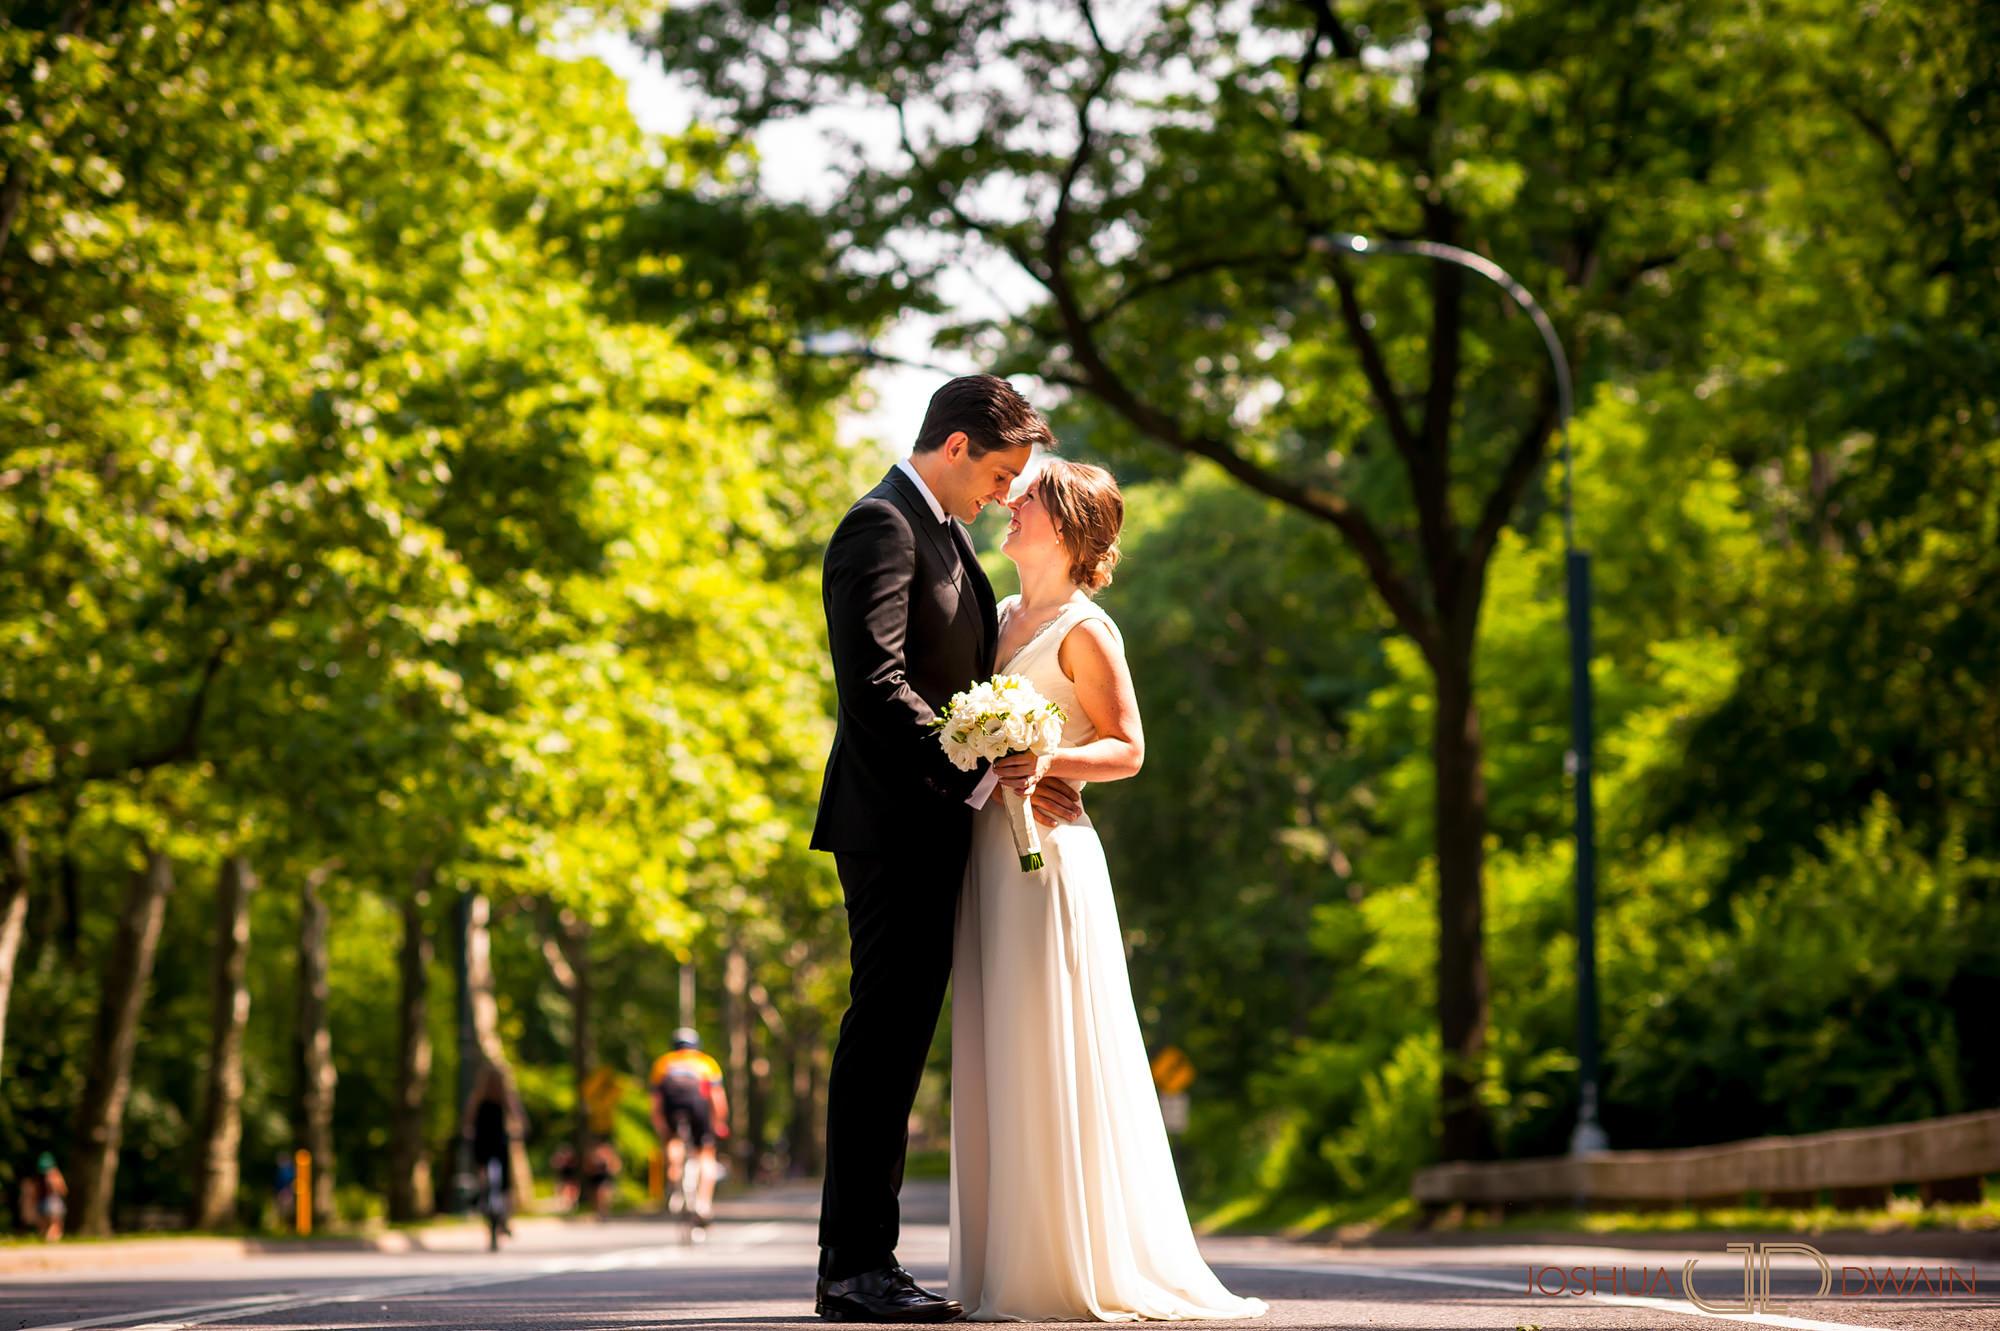 Central Park Wedding Photography: Central Park Elopement Photos- Rachel & Craig